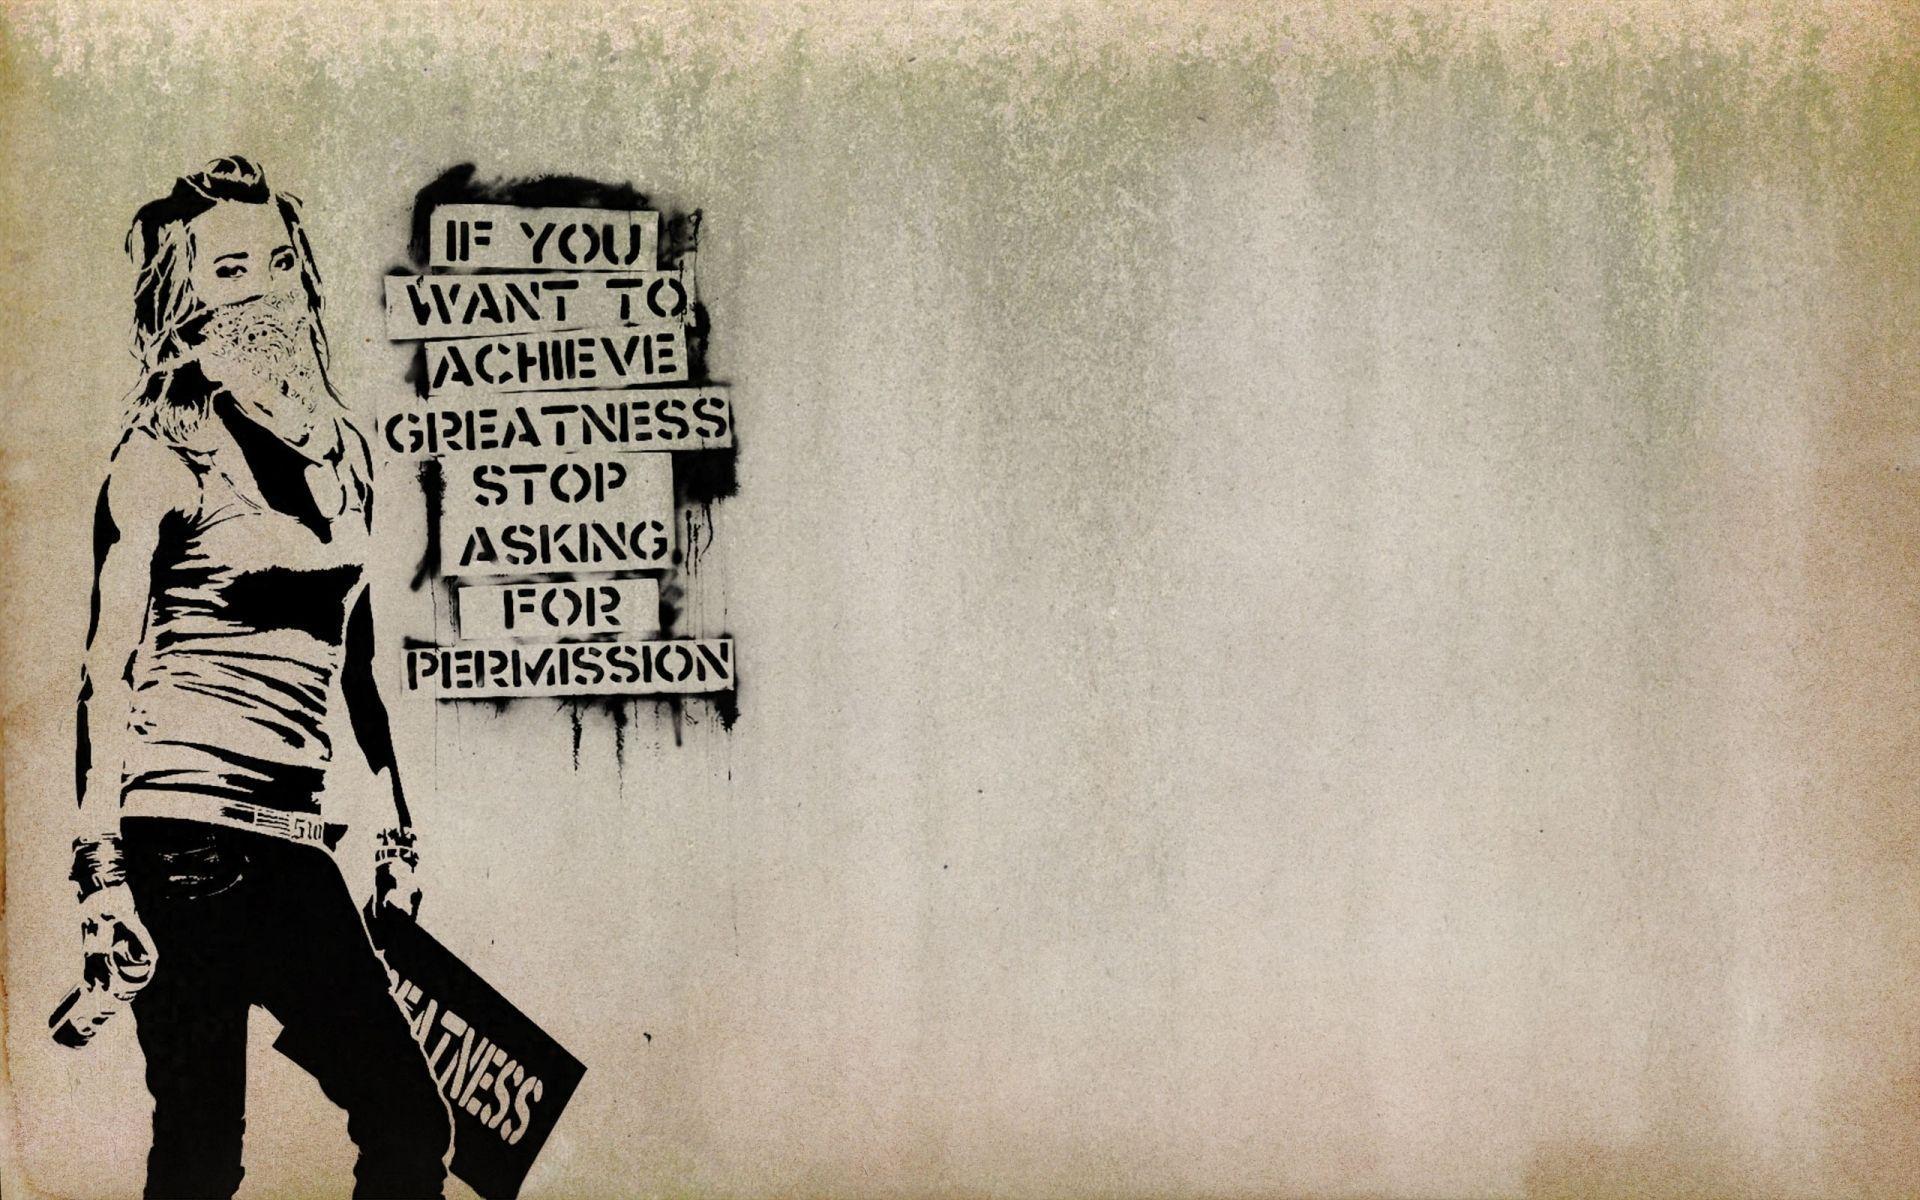 1920x1200 Hình nền nghệ thuật đô thị vẽ graffiti hỗn loạn phụ nữ.  1920x1200.  29536